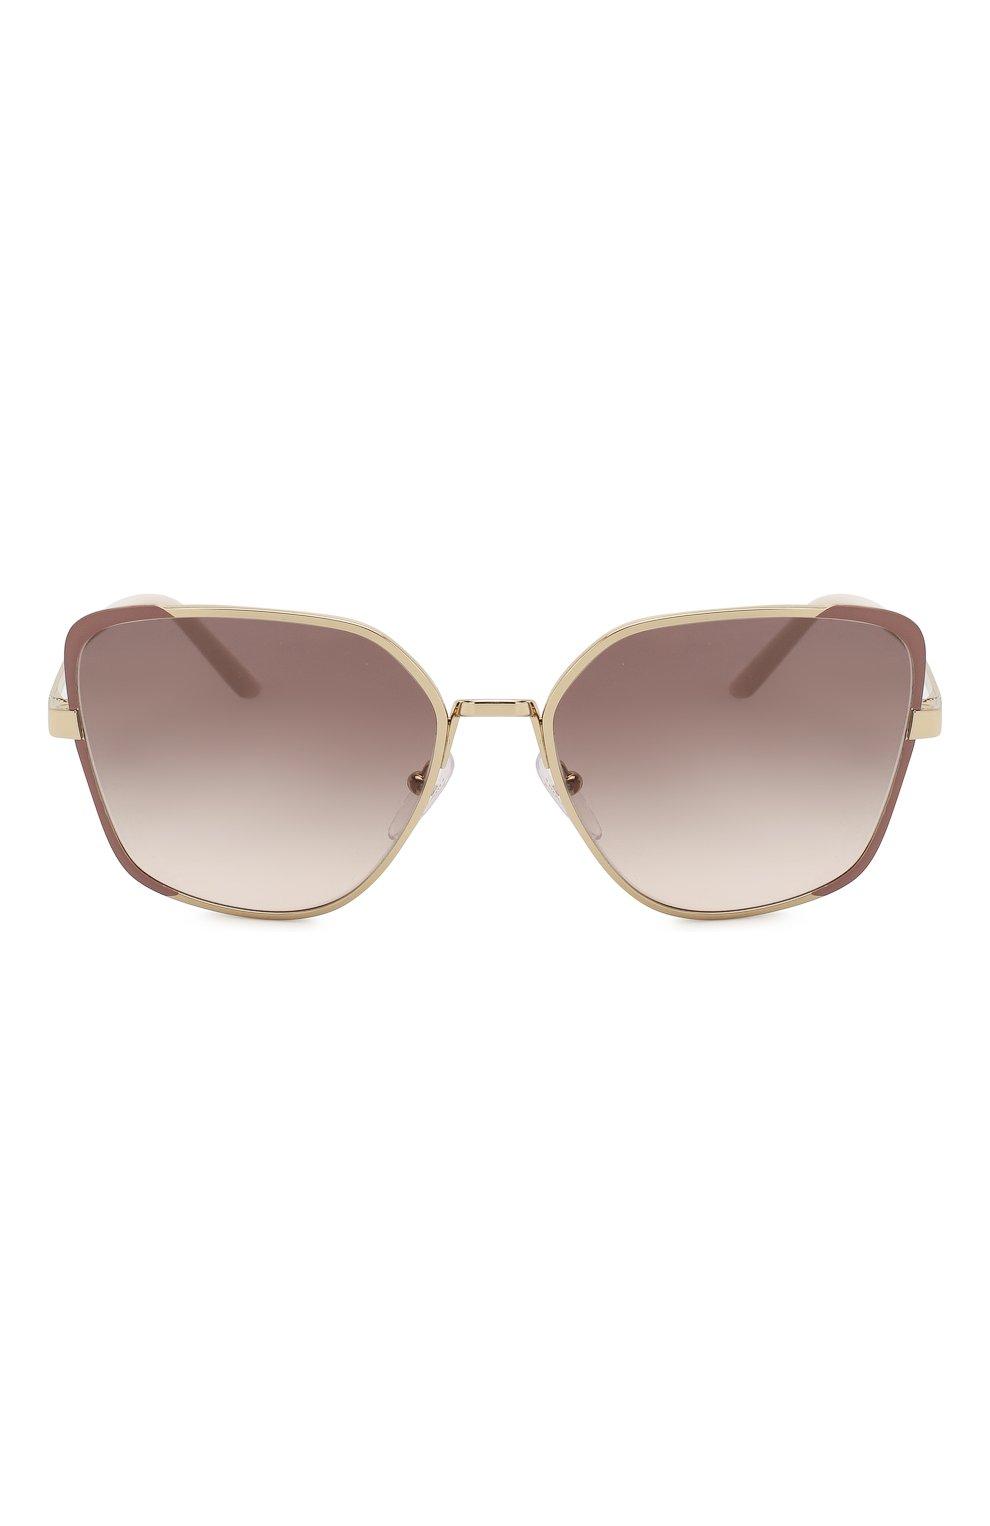 Женские солнцезащитные очки PRADA коричневого цвета, арт. 60XS-07B4K0   Фото 3